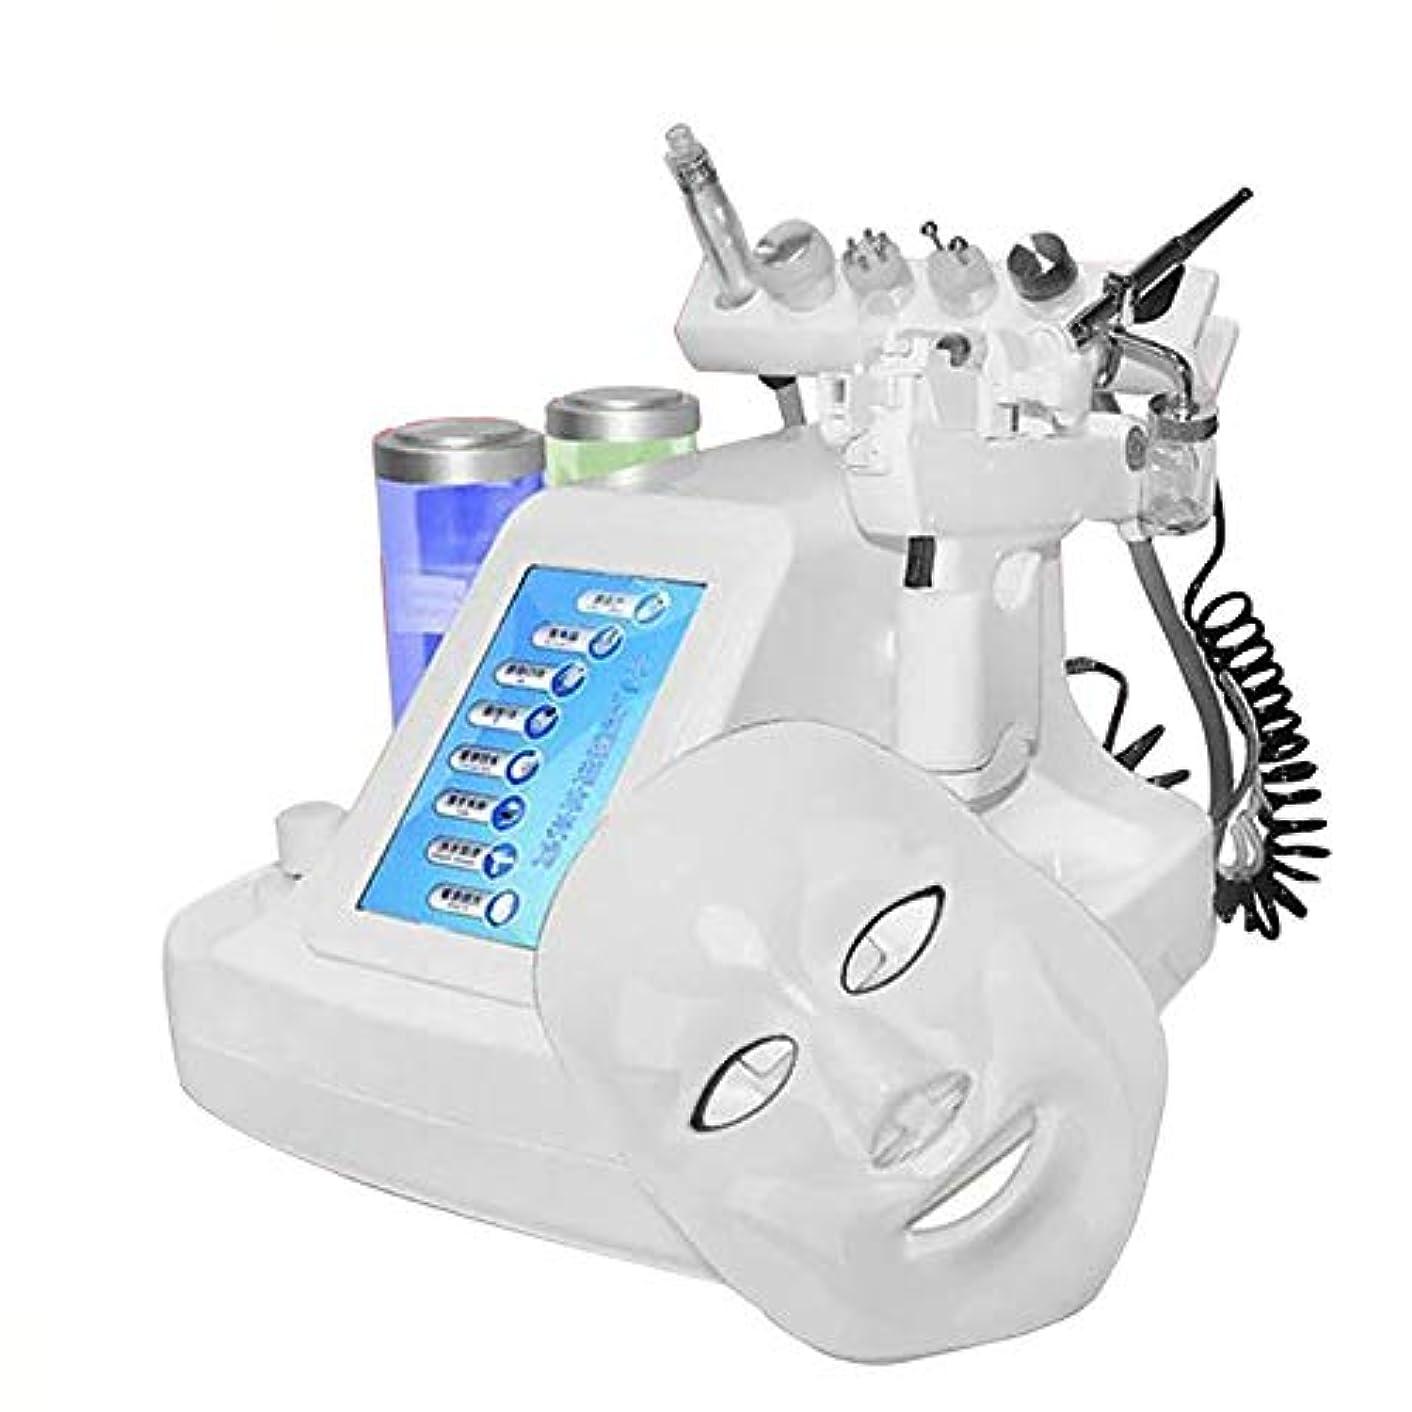 パトロールラップトップ愛する1台の水の酸素マシン、水ハイドロ皮膚剥離?フェイシャルスプレー保湿若返りスキン機で8